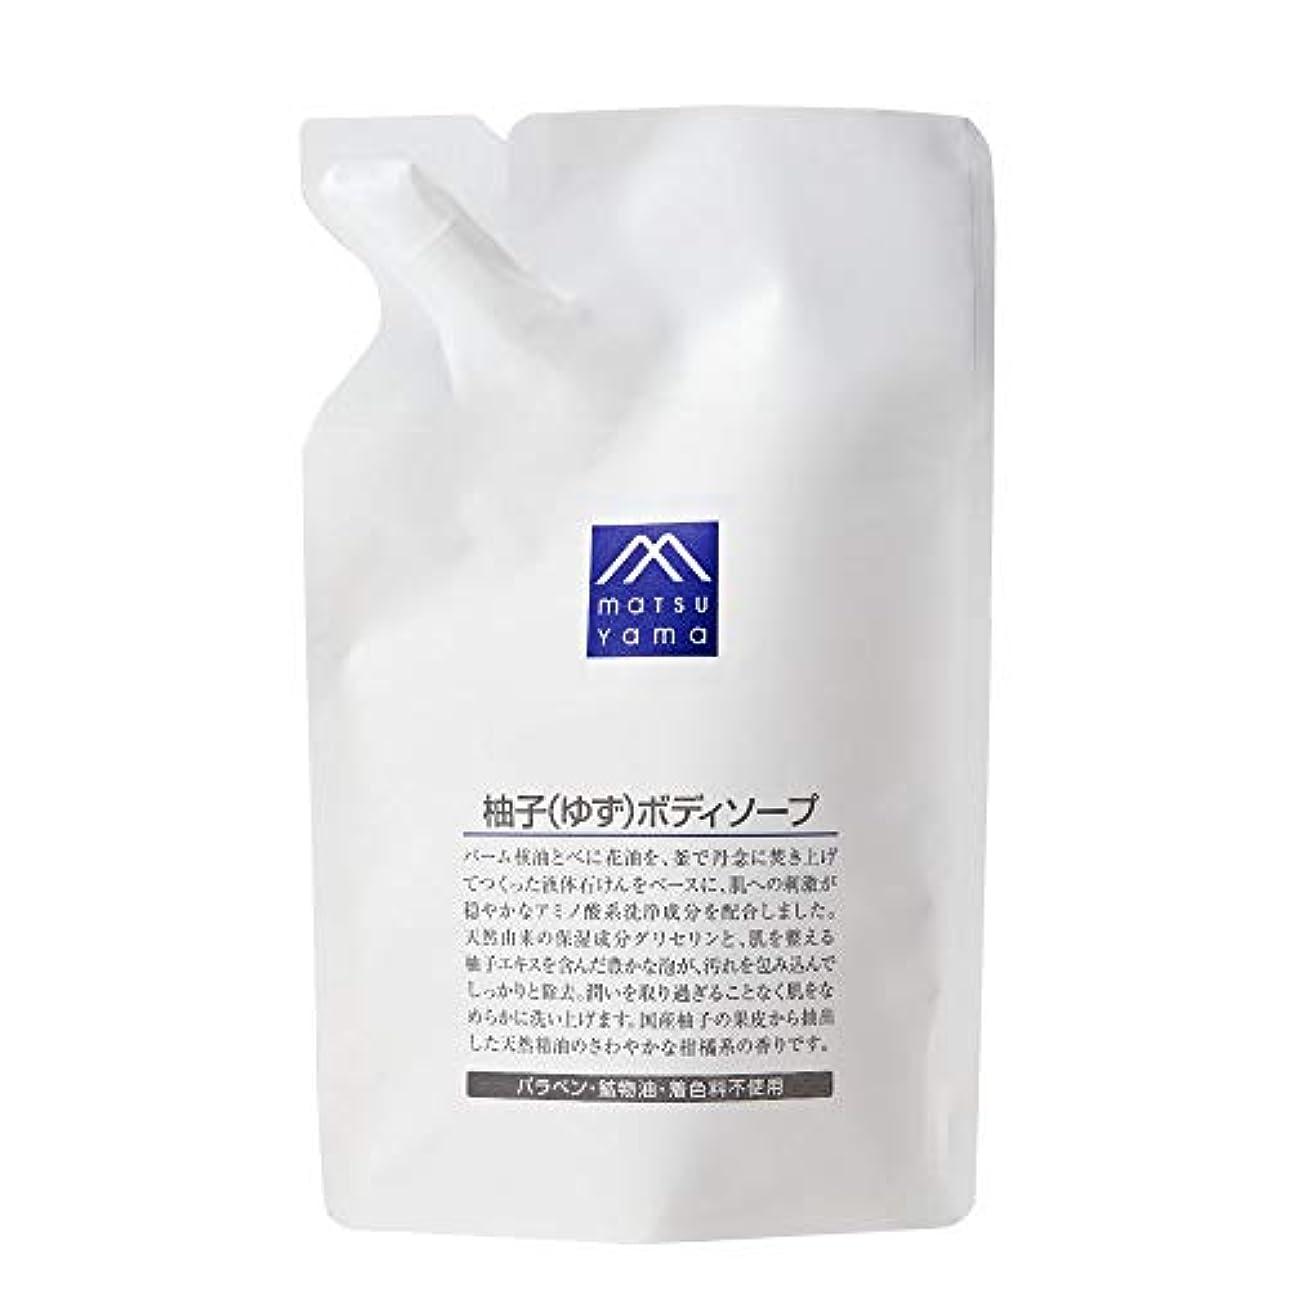 スプーン取り除くドメインM-mark 柚子(ゆず)ボディソープ 詰替用